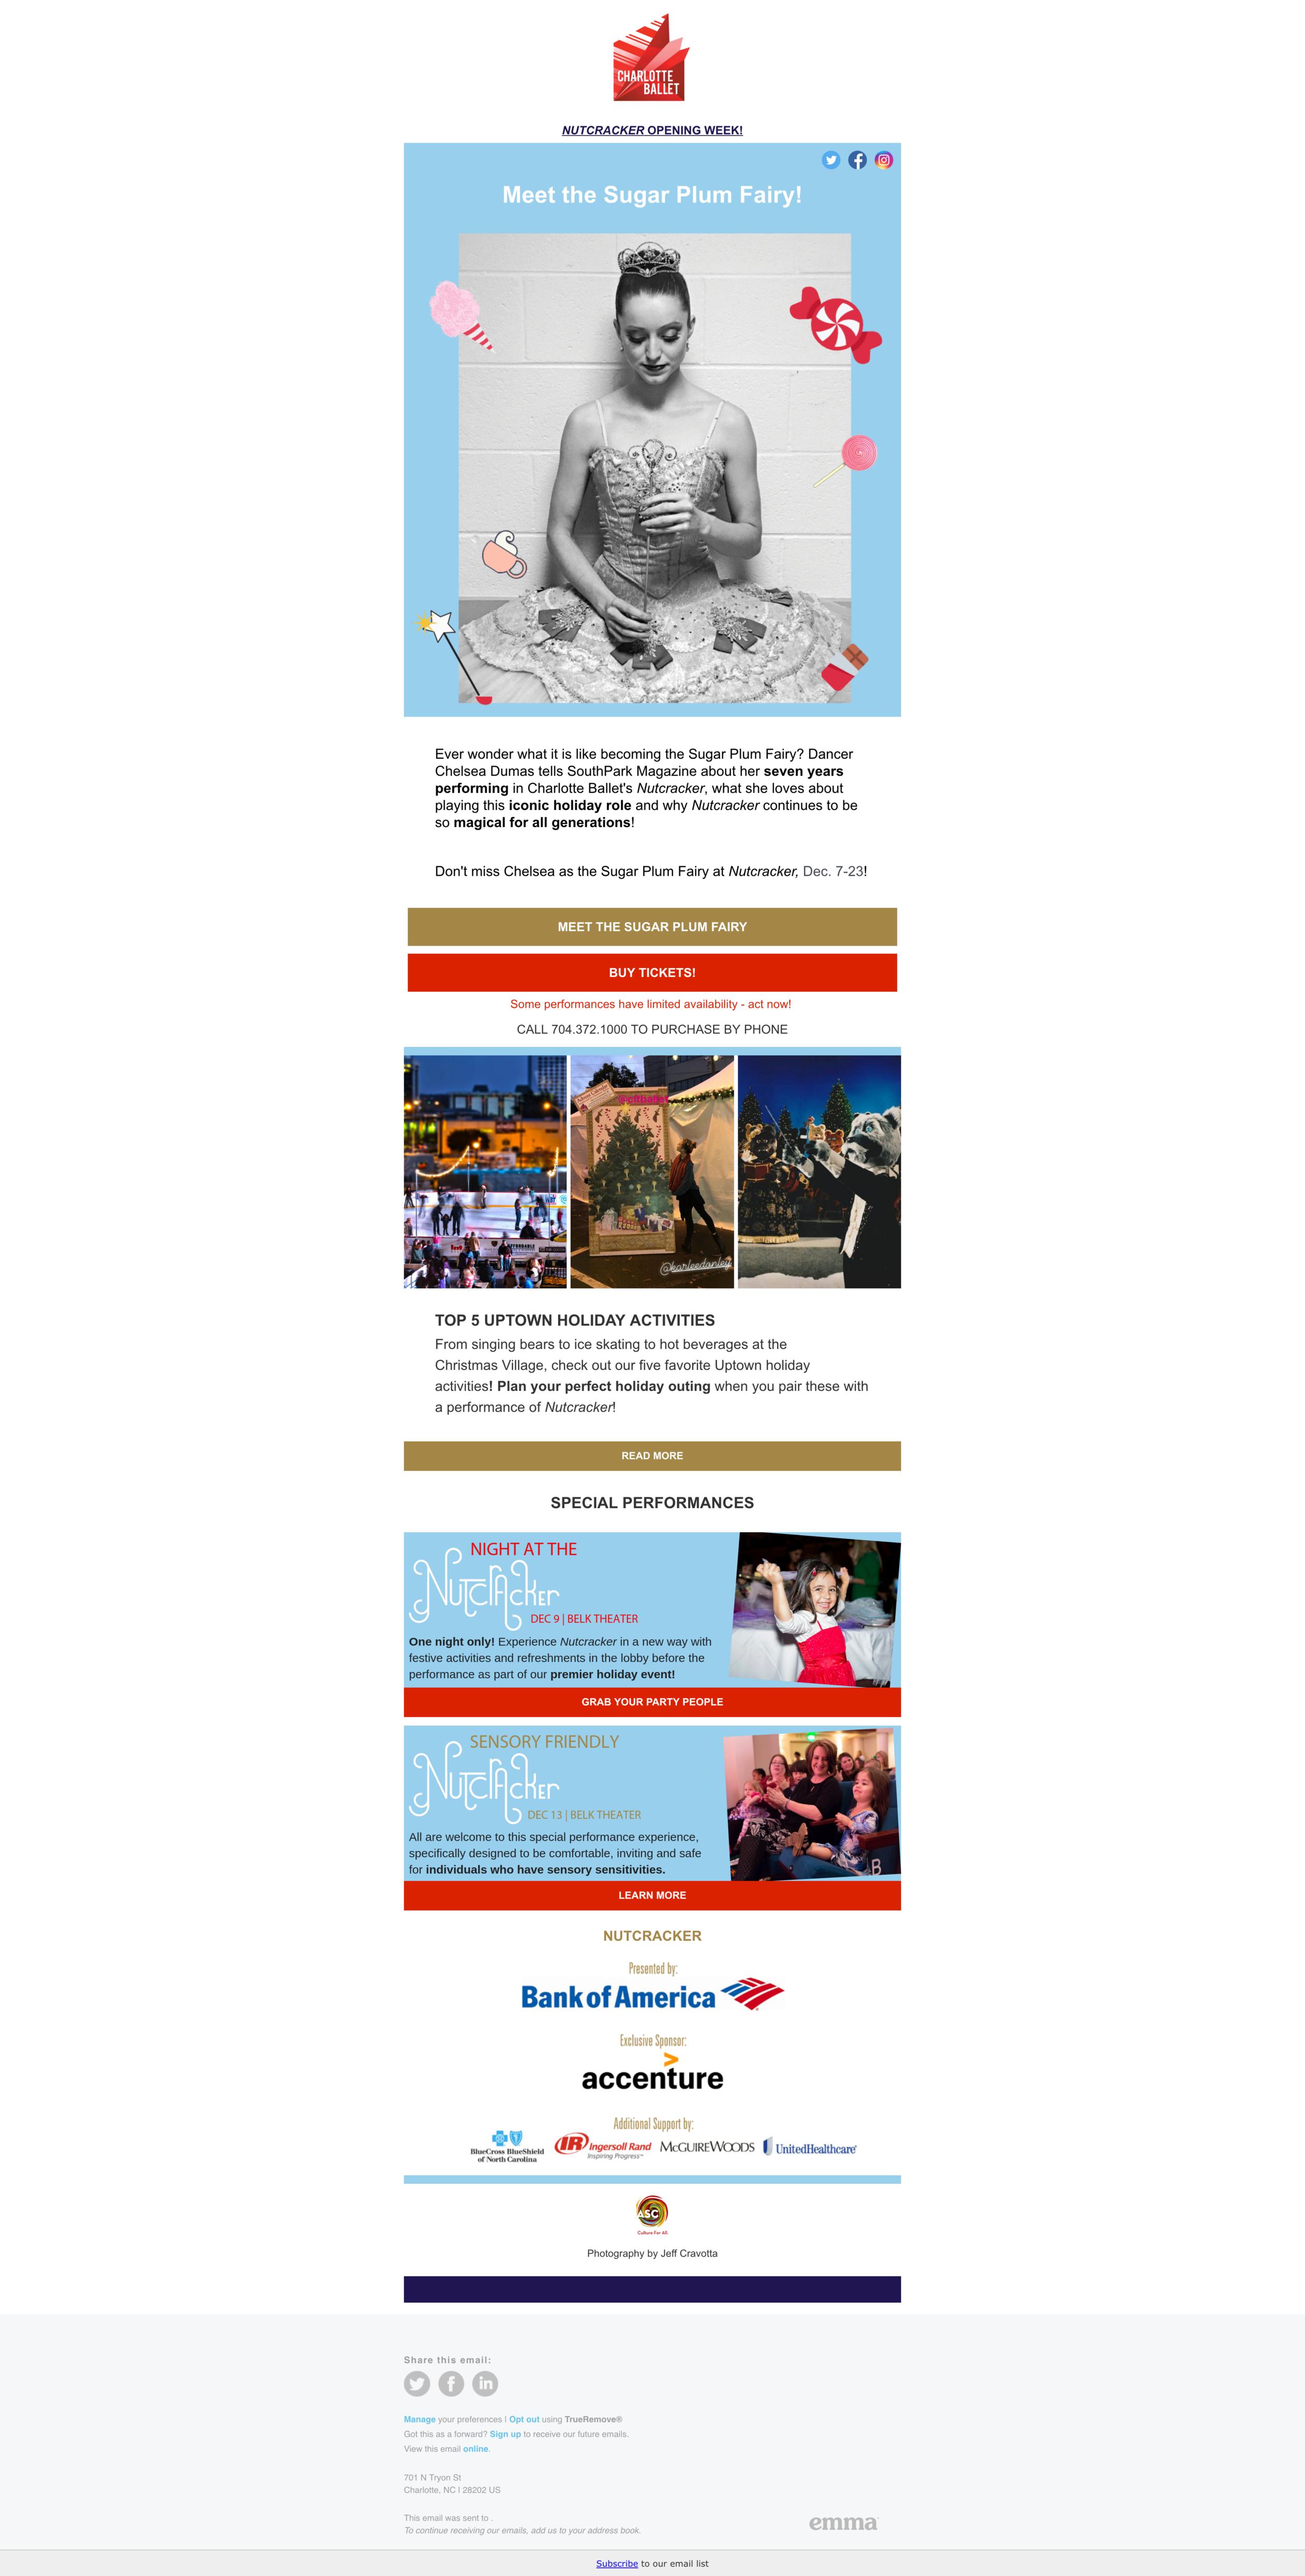 screencapture-t-e2ma-net-webview-pxi2se-5528309af83c52709462c573345db5a3-2019-04-14-11_48_04.png